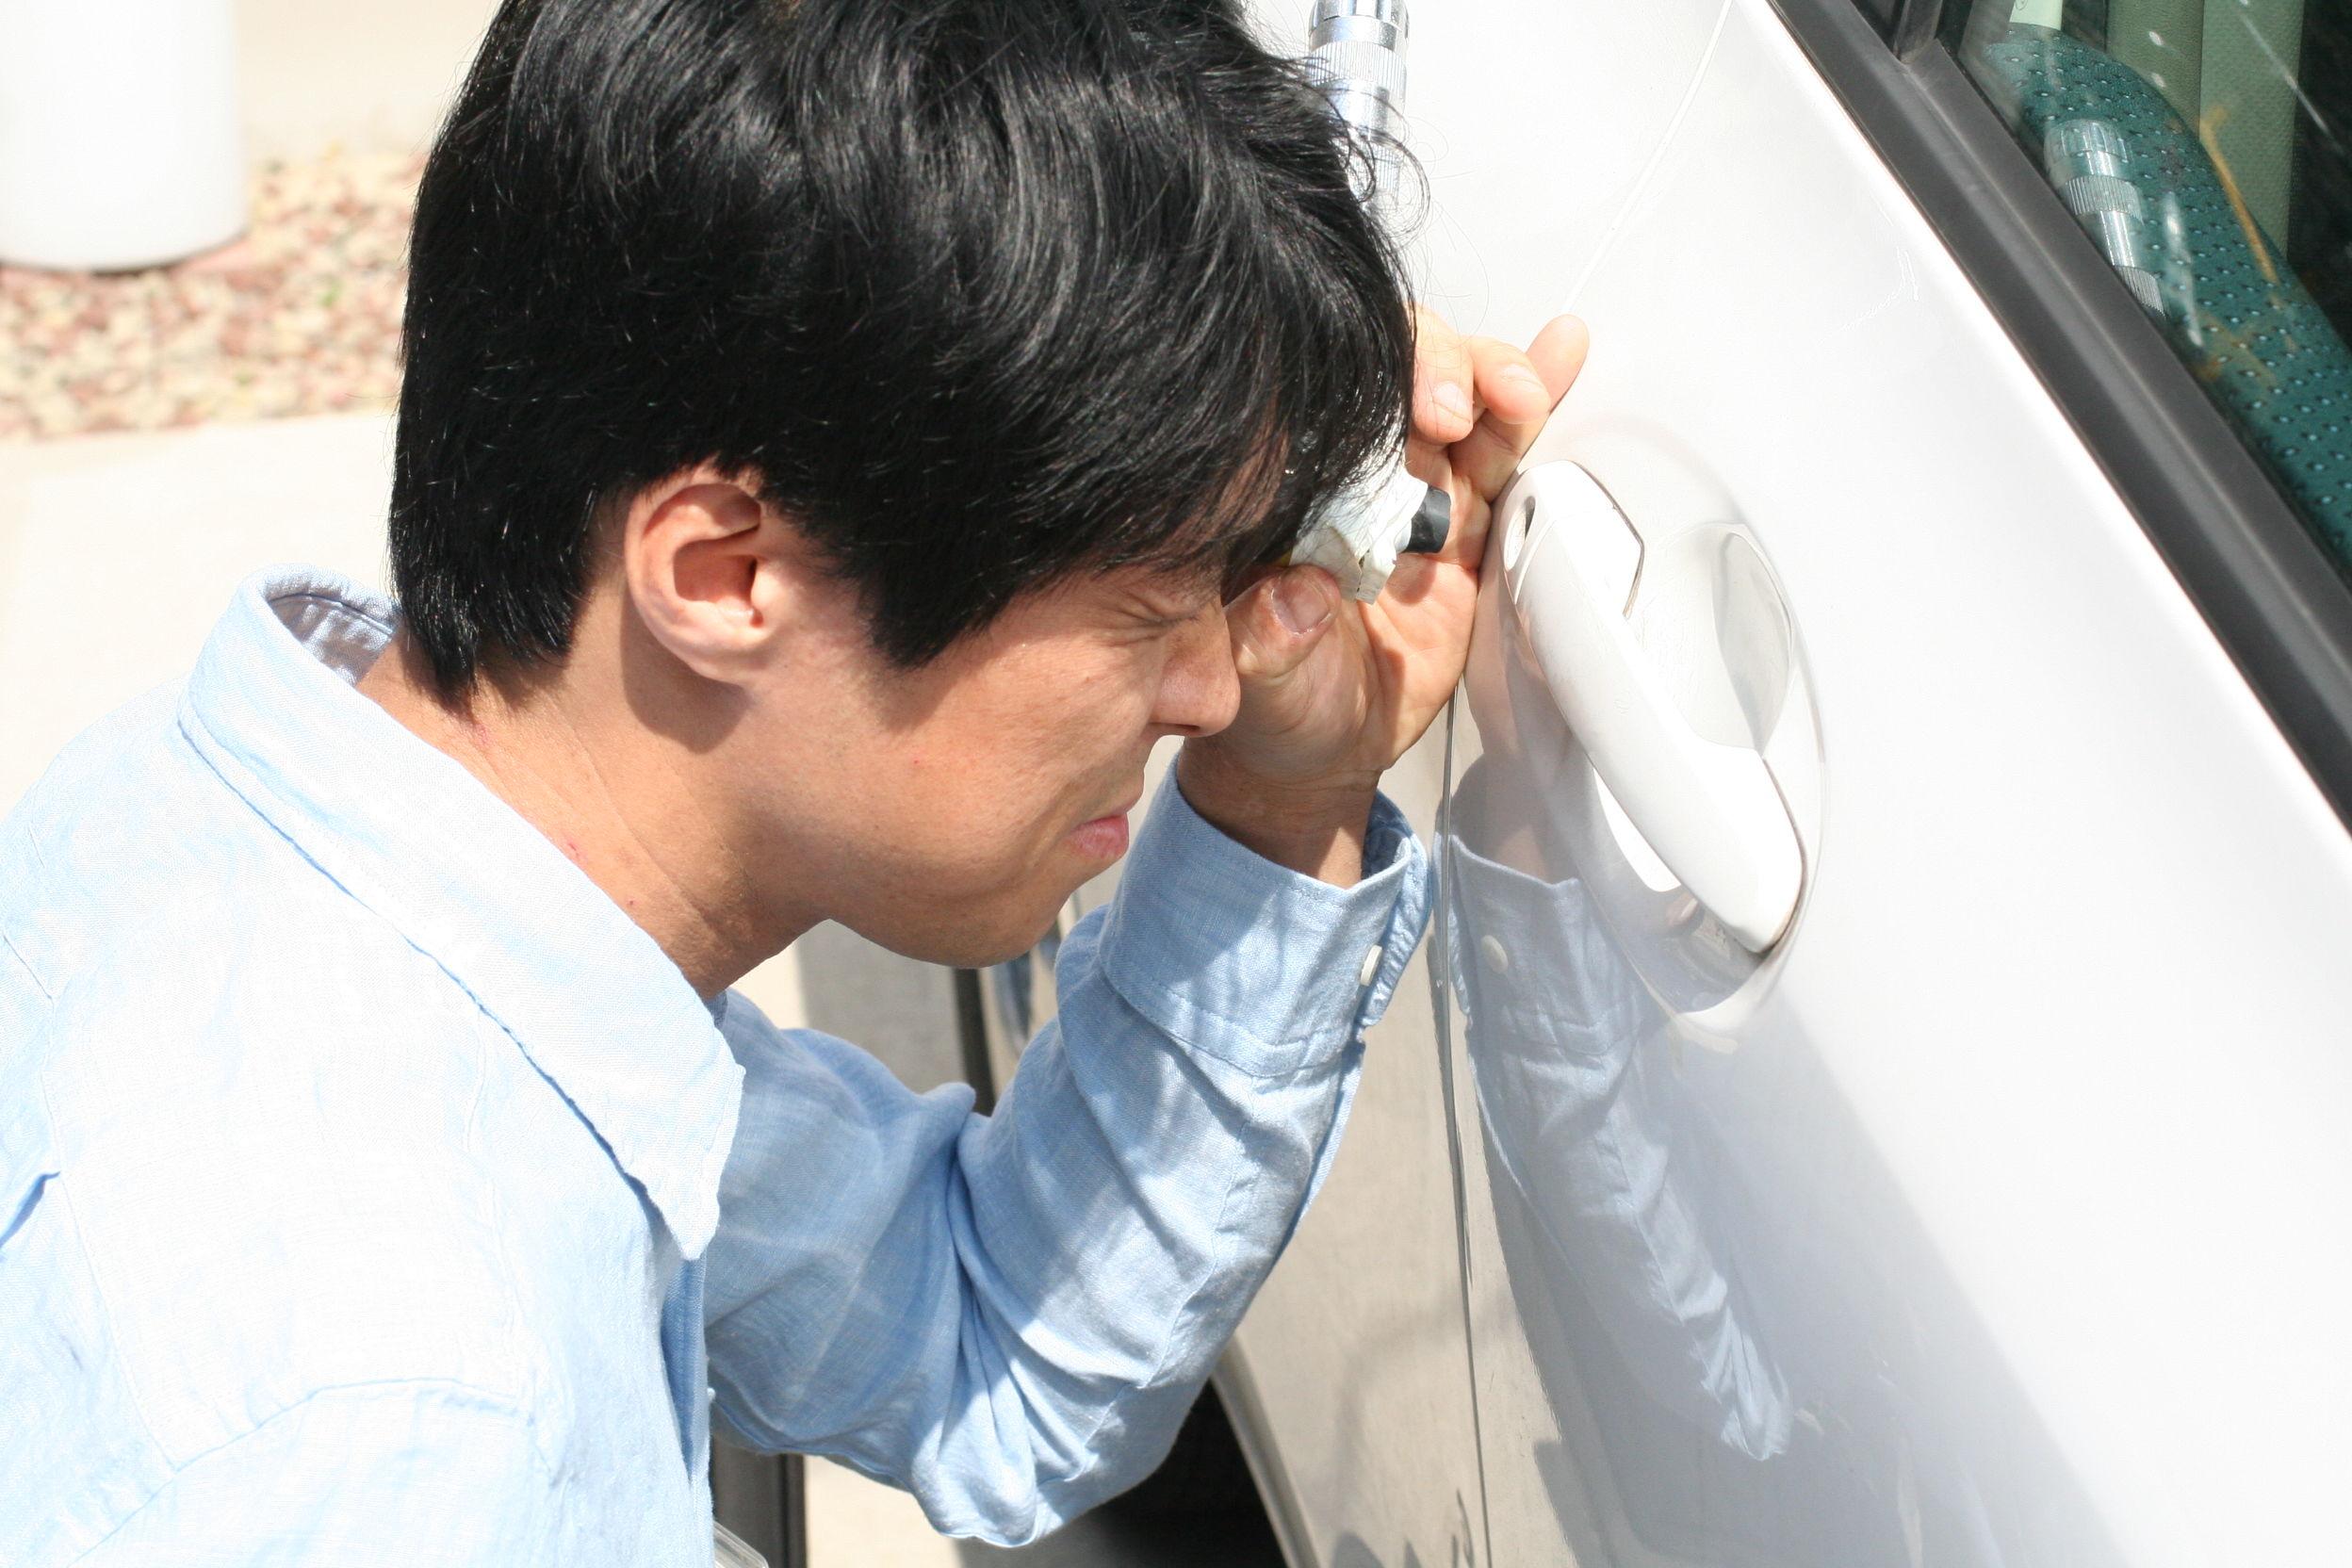 カギのトラブル救Q隊.24【宇和島市 出張エリア】のメイン画像